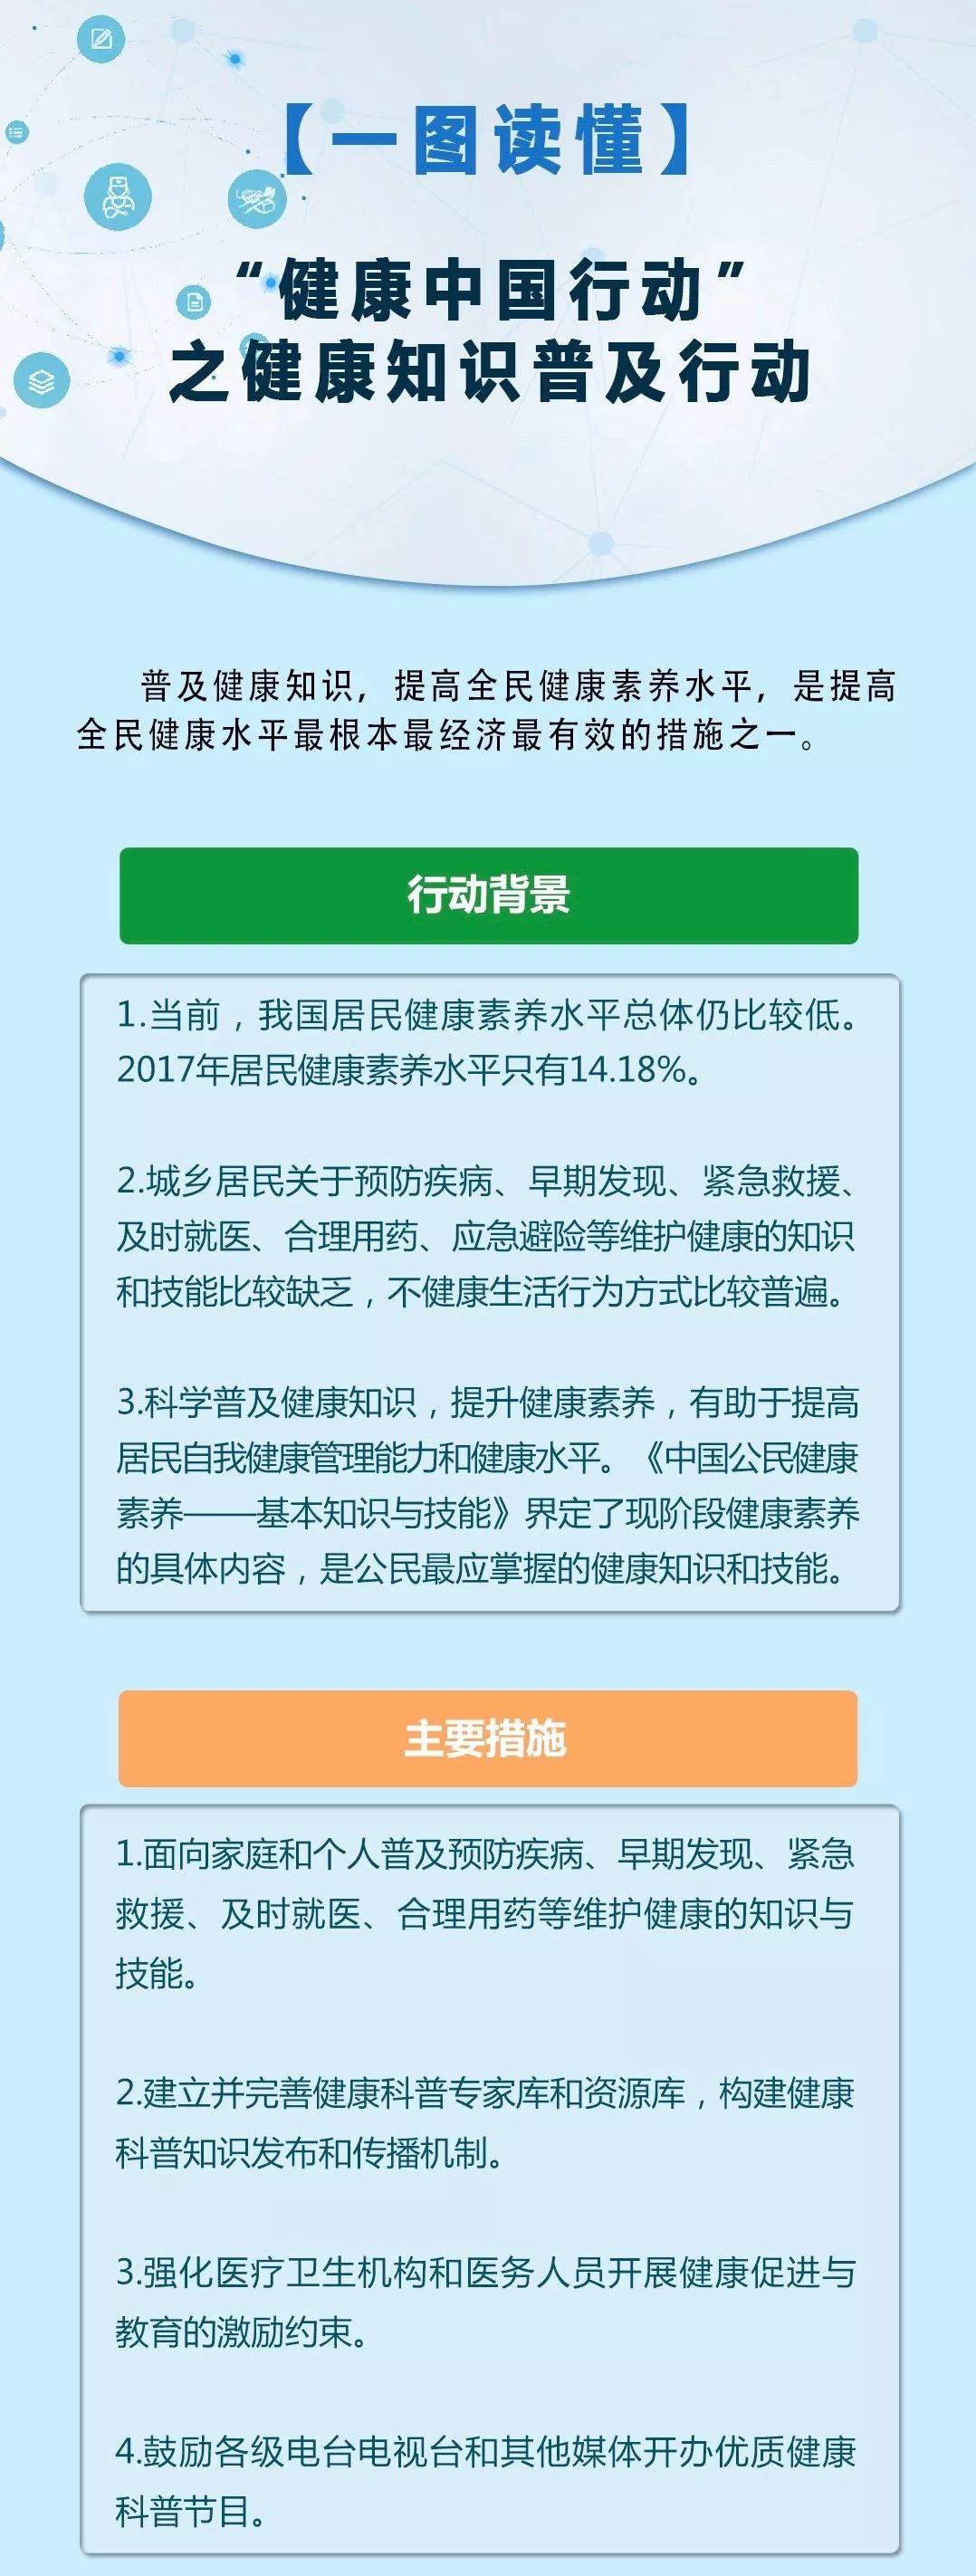 """【一图读懂】""""健康中国行动""""推出的健康知识普及专项行动,包含了哪些内容?"""